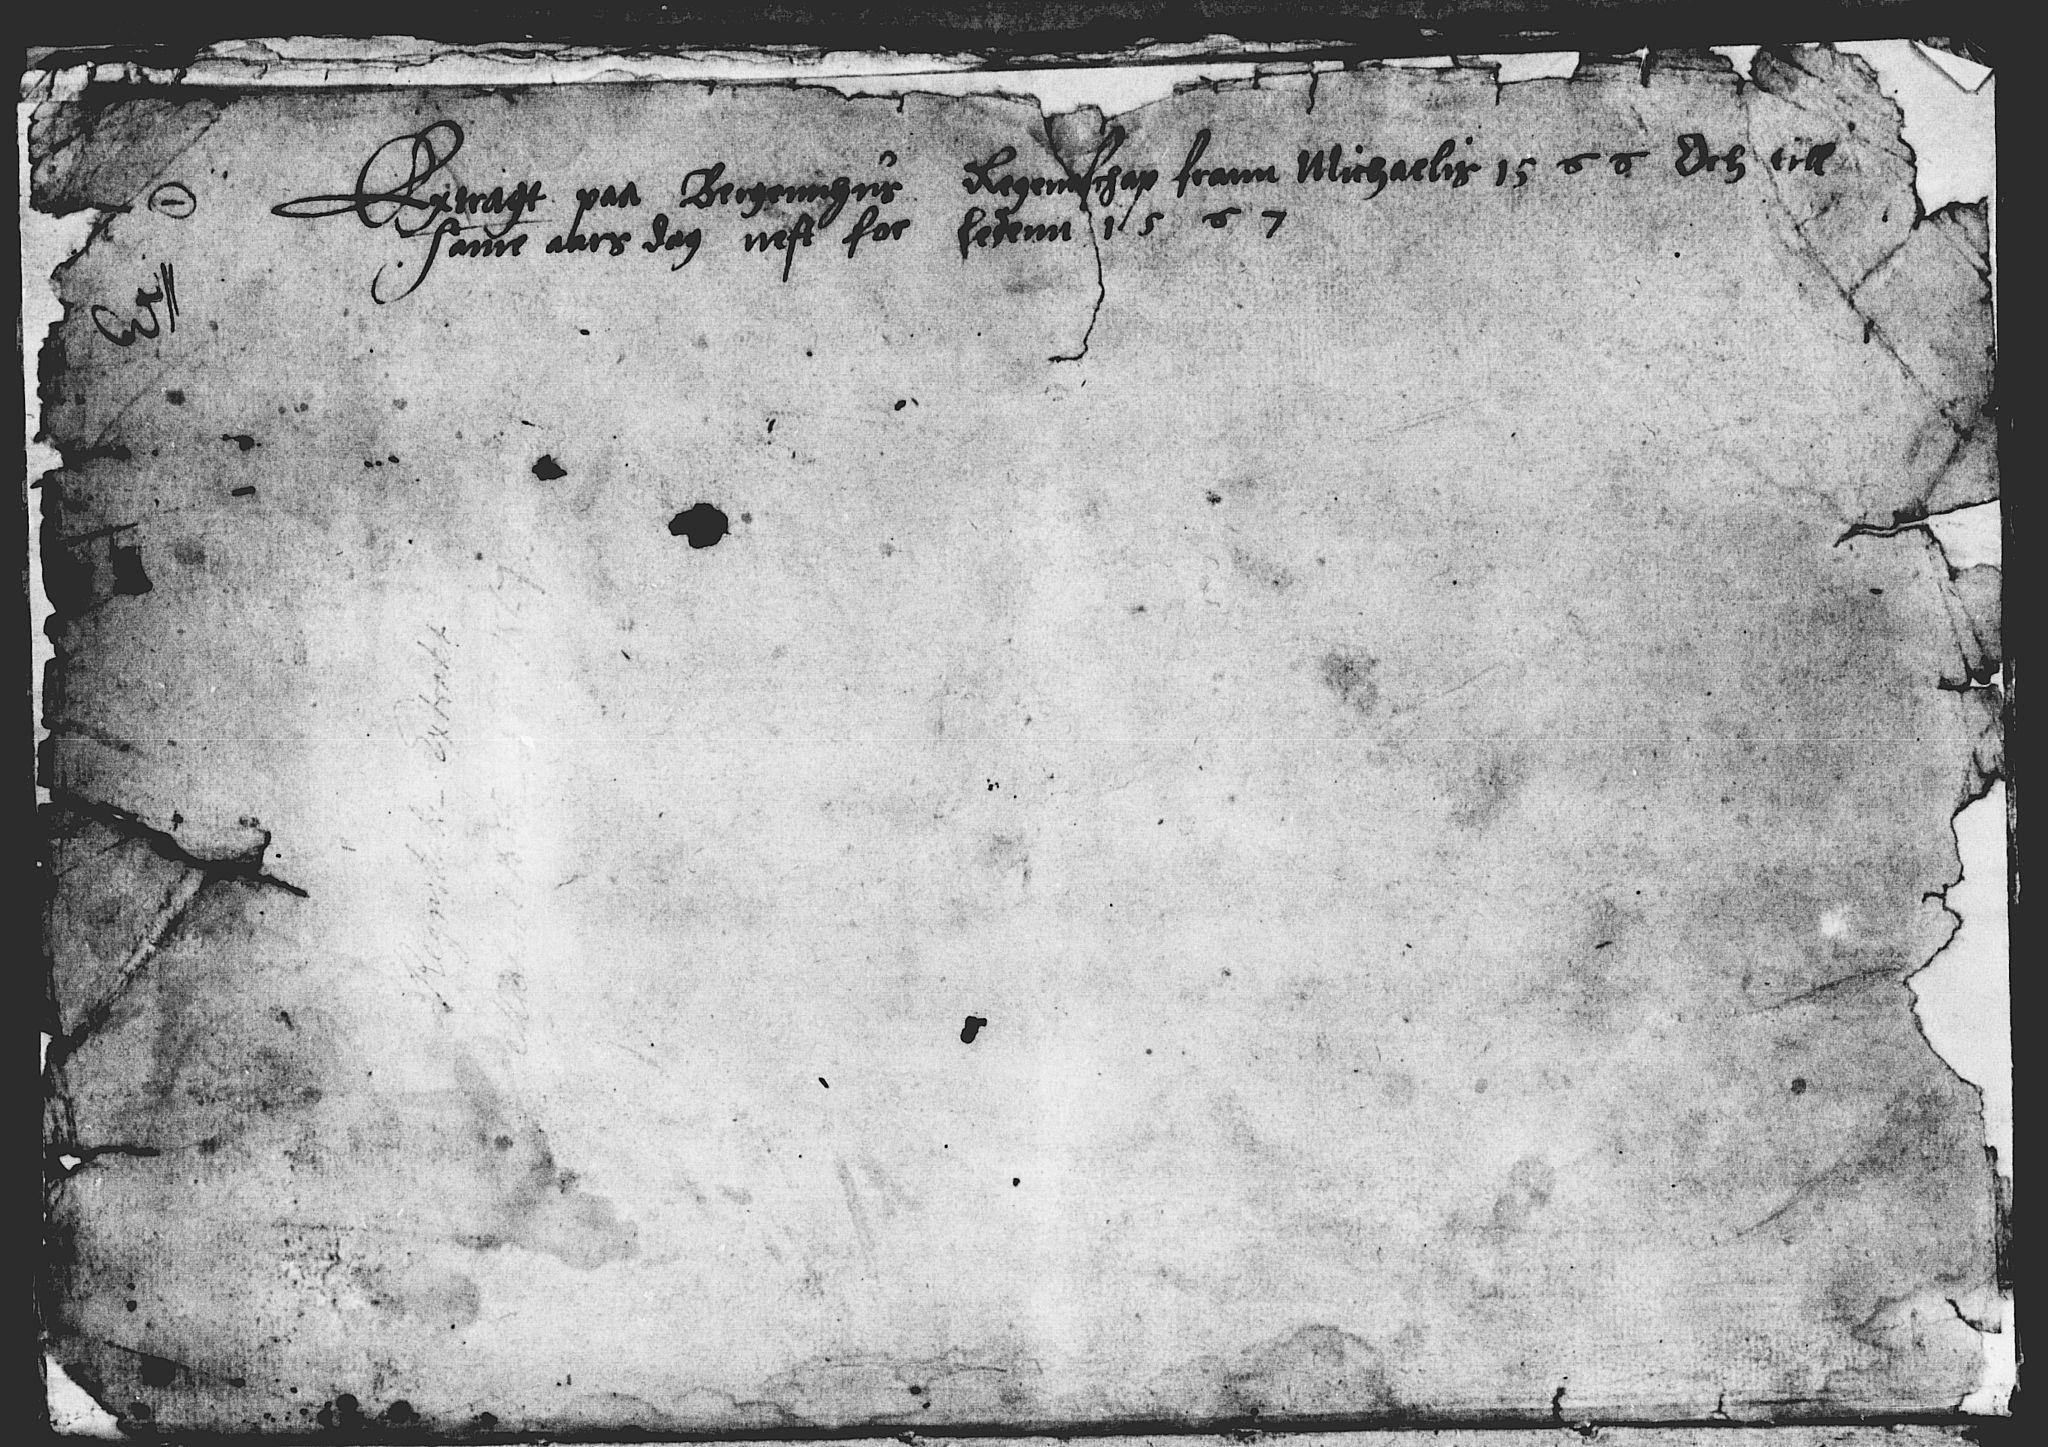 RA, Rentekammeret inntil 1814, Reviderte regnskaper, Lensregnskaper, R/Ra/L0014: Bergenhus len, 1566-1567; Trondheim len, 1540-1559, 1540-1567